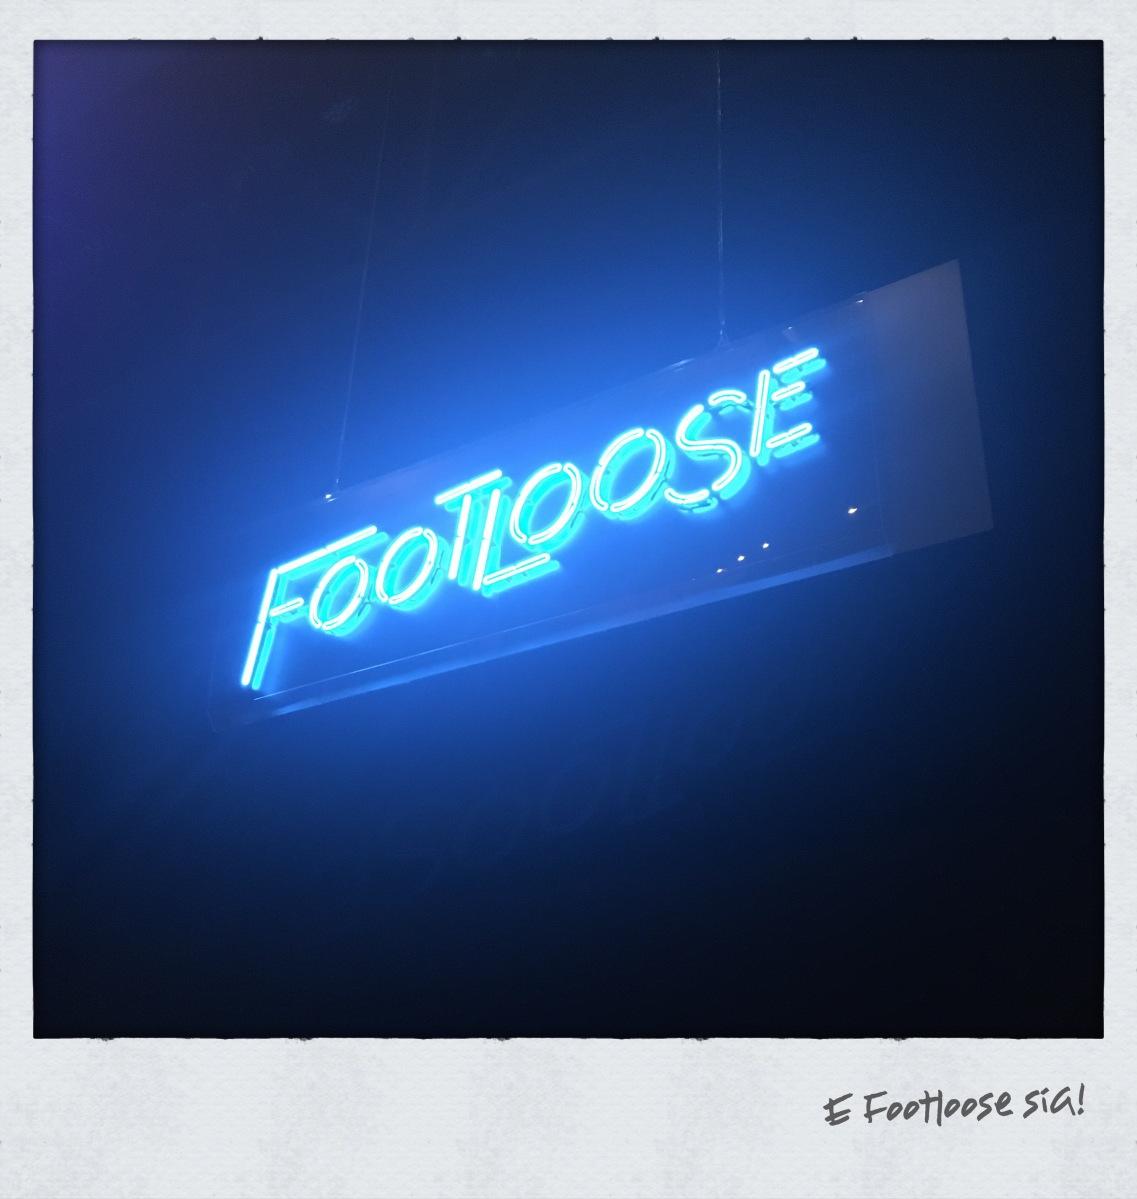 C'è un tempo per ogni cosa. E che Footloose sia!